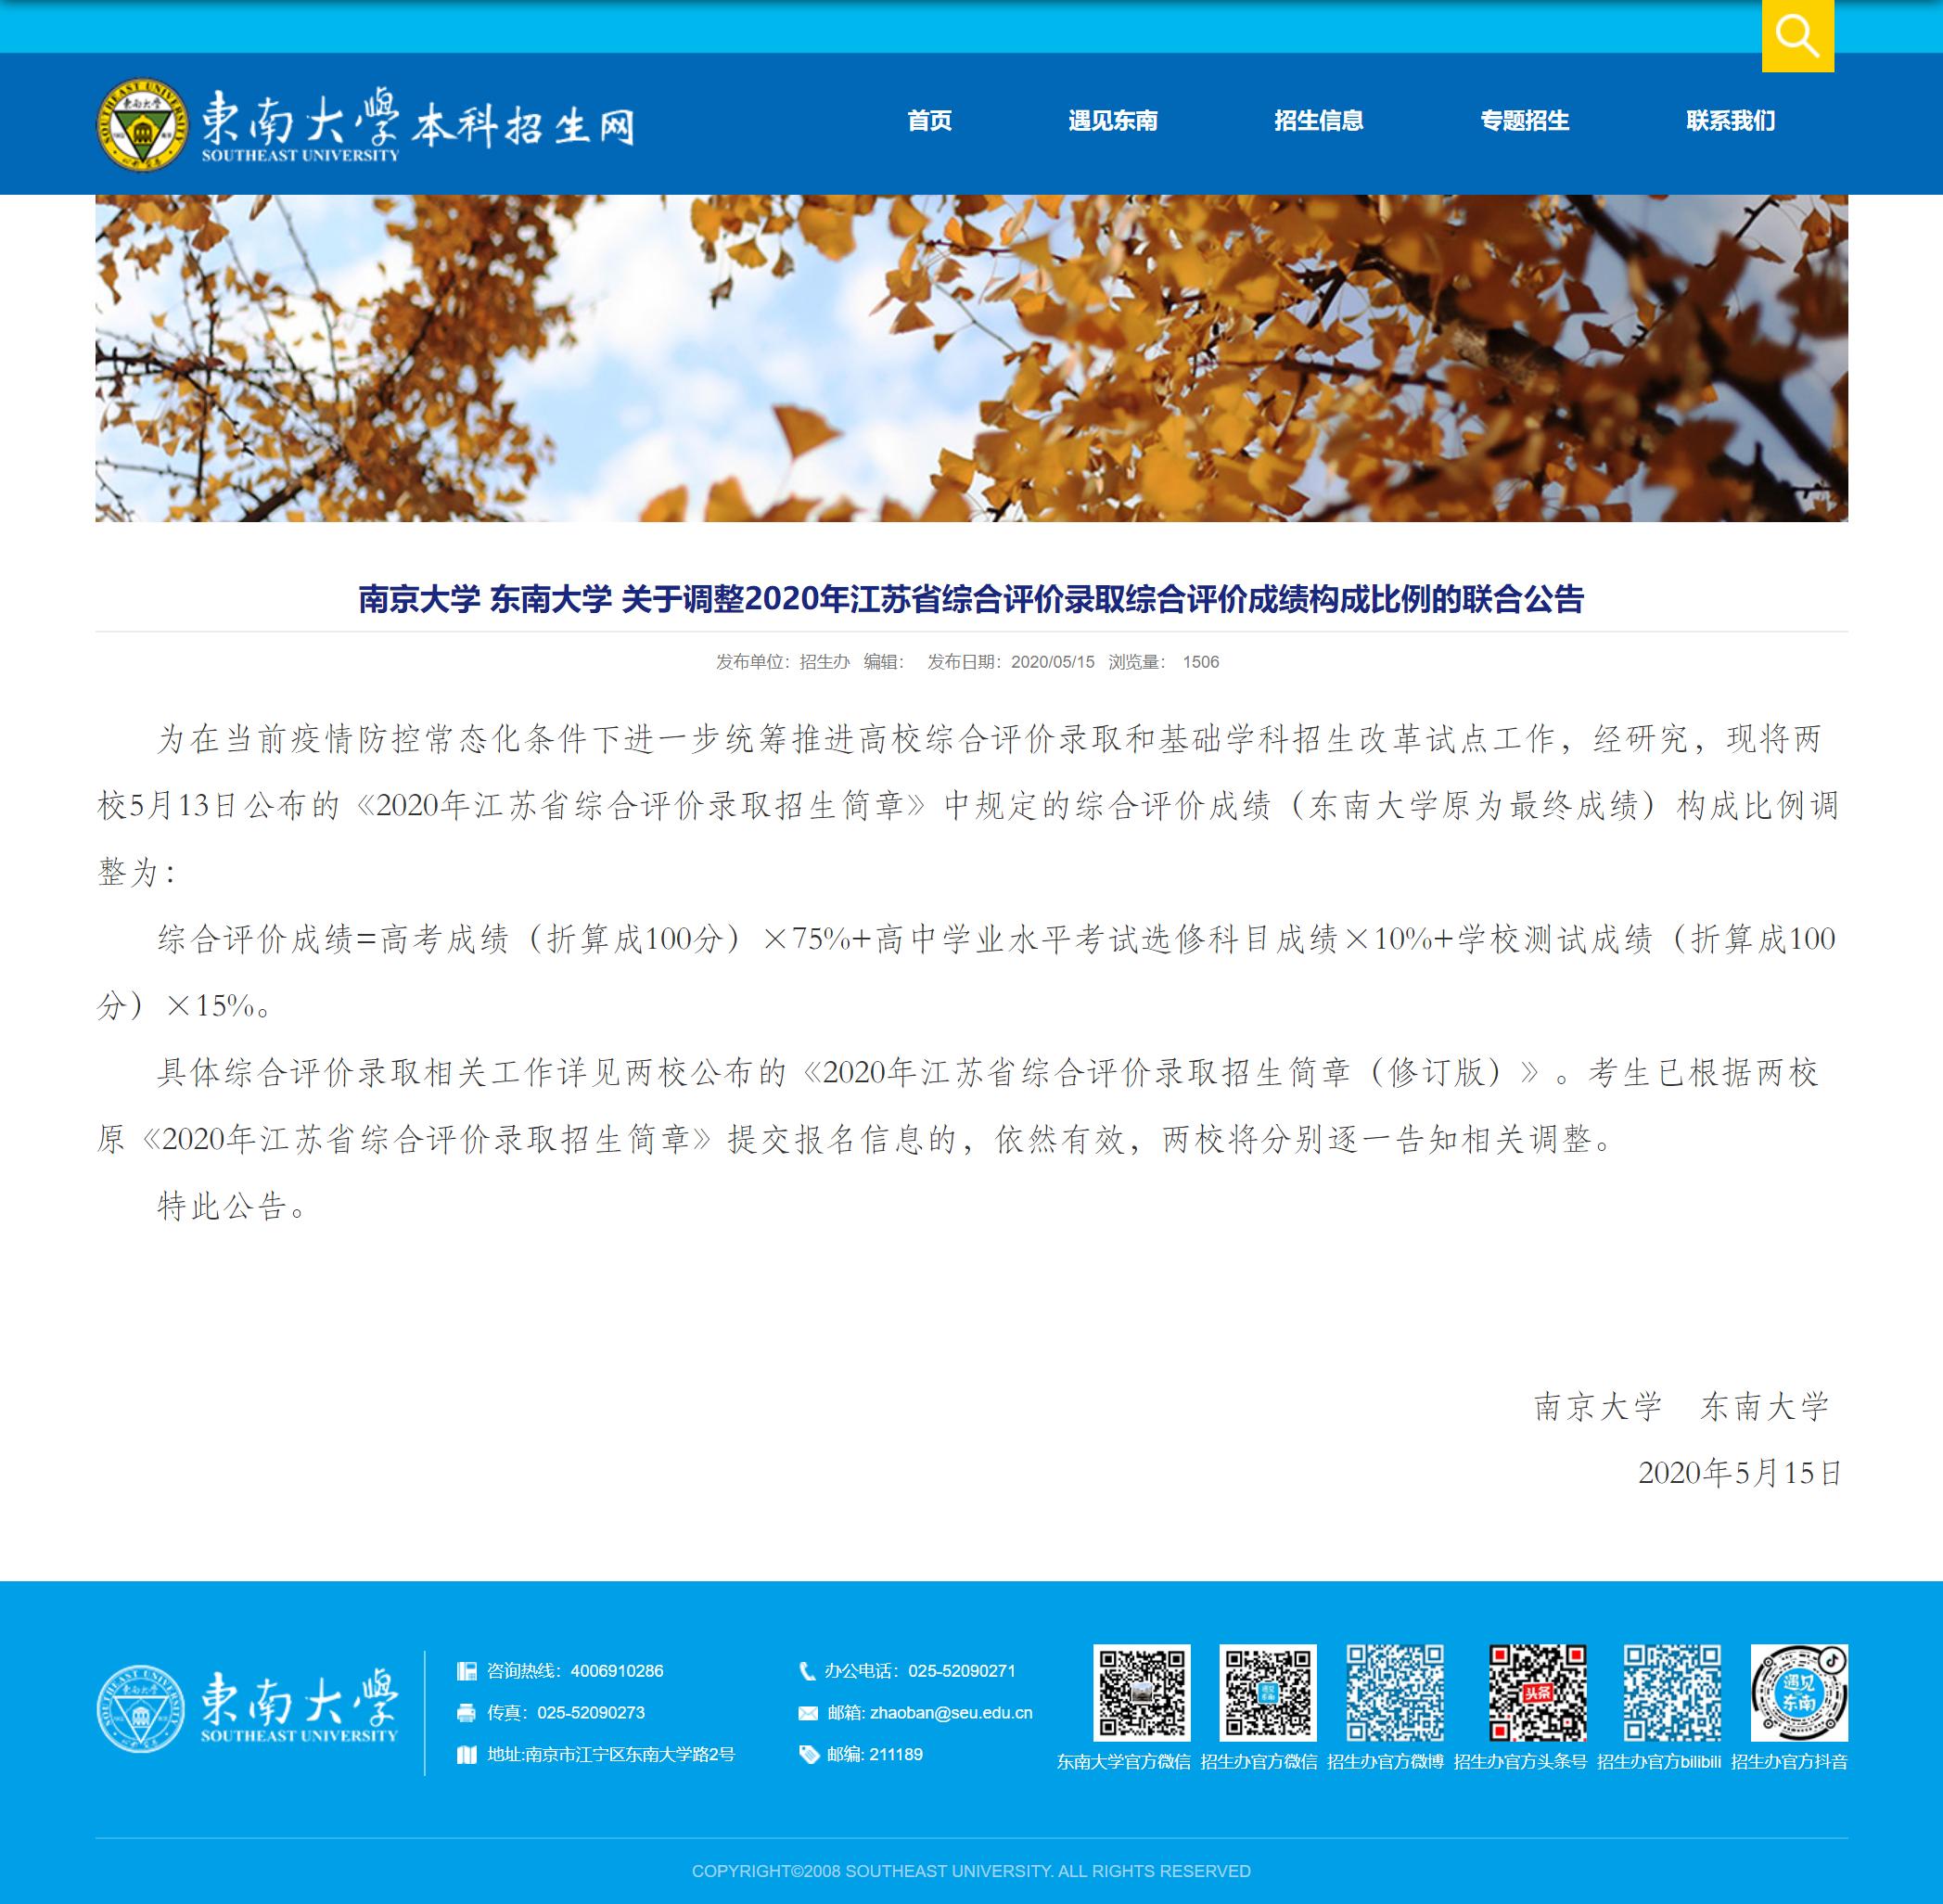 南京大学 东南大学 关于调整2020年江苏省综合评价录取综合评价成绩构成比例的联合公告.png